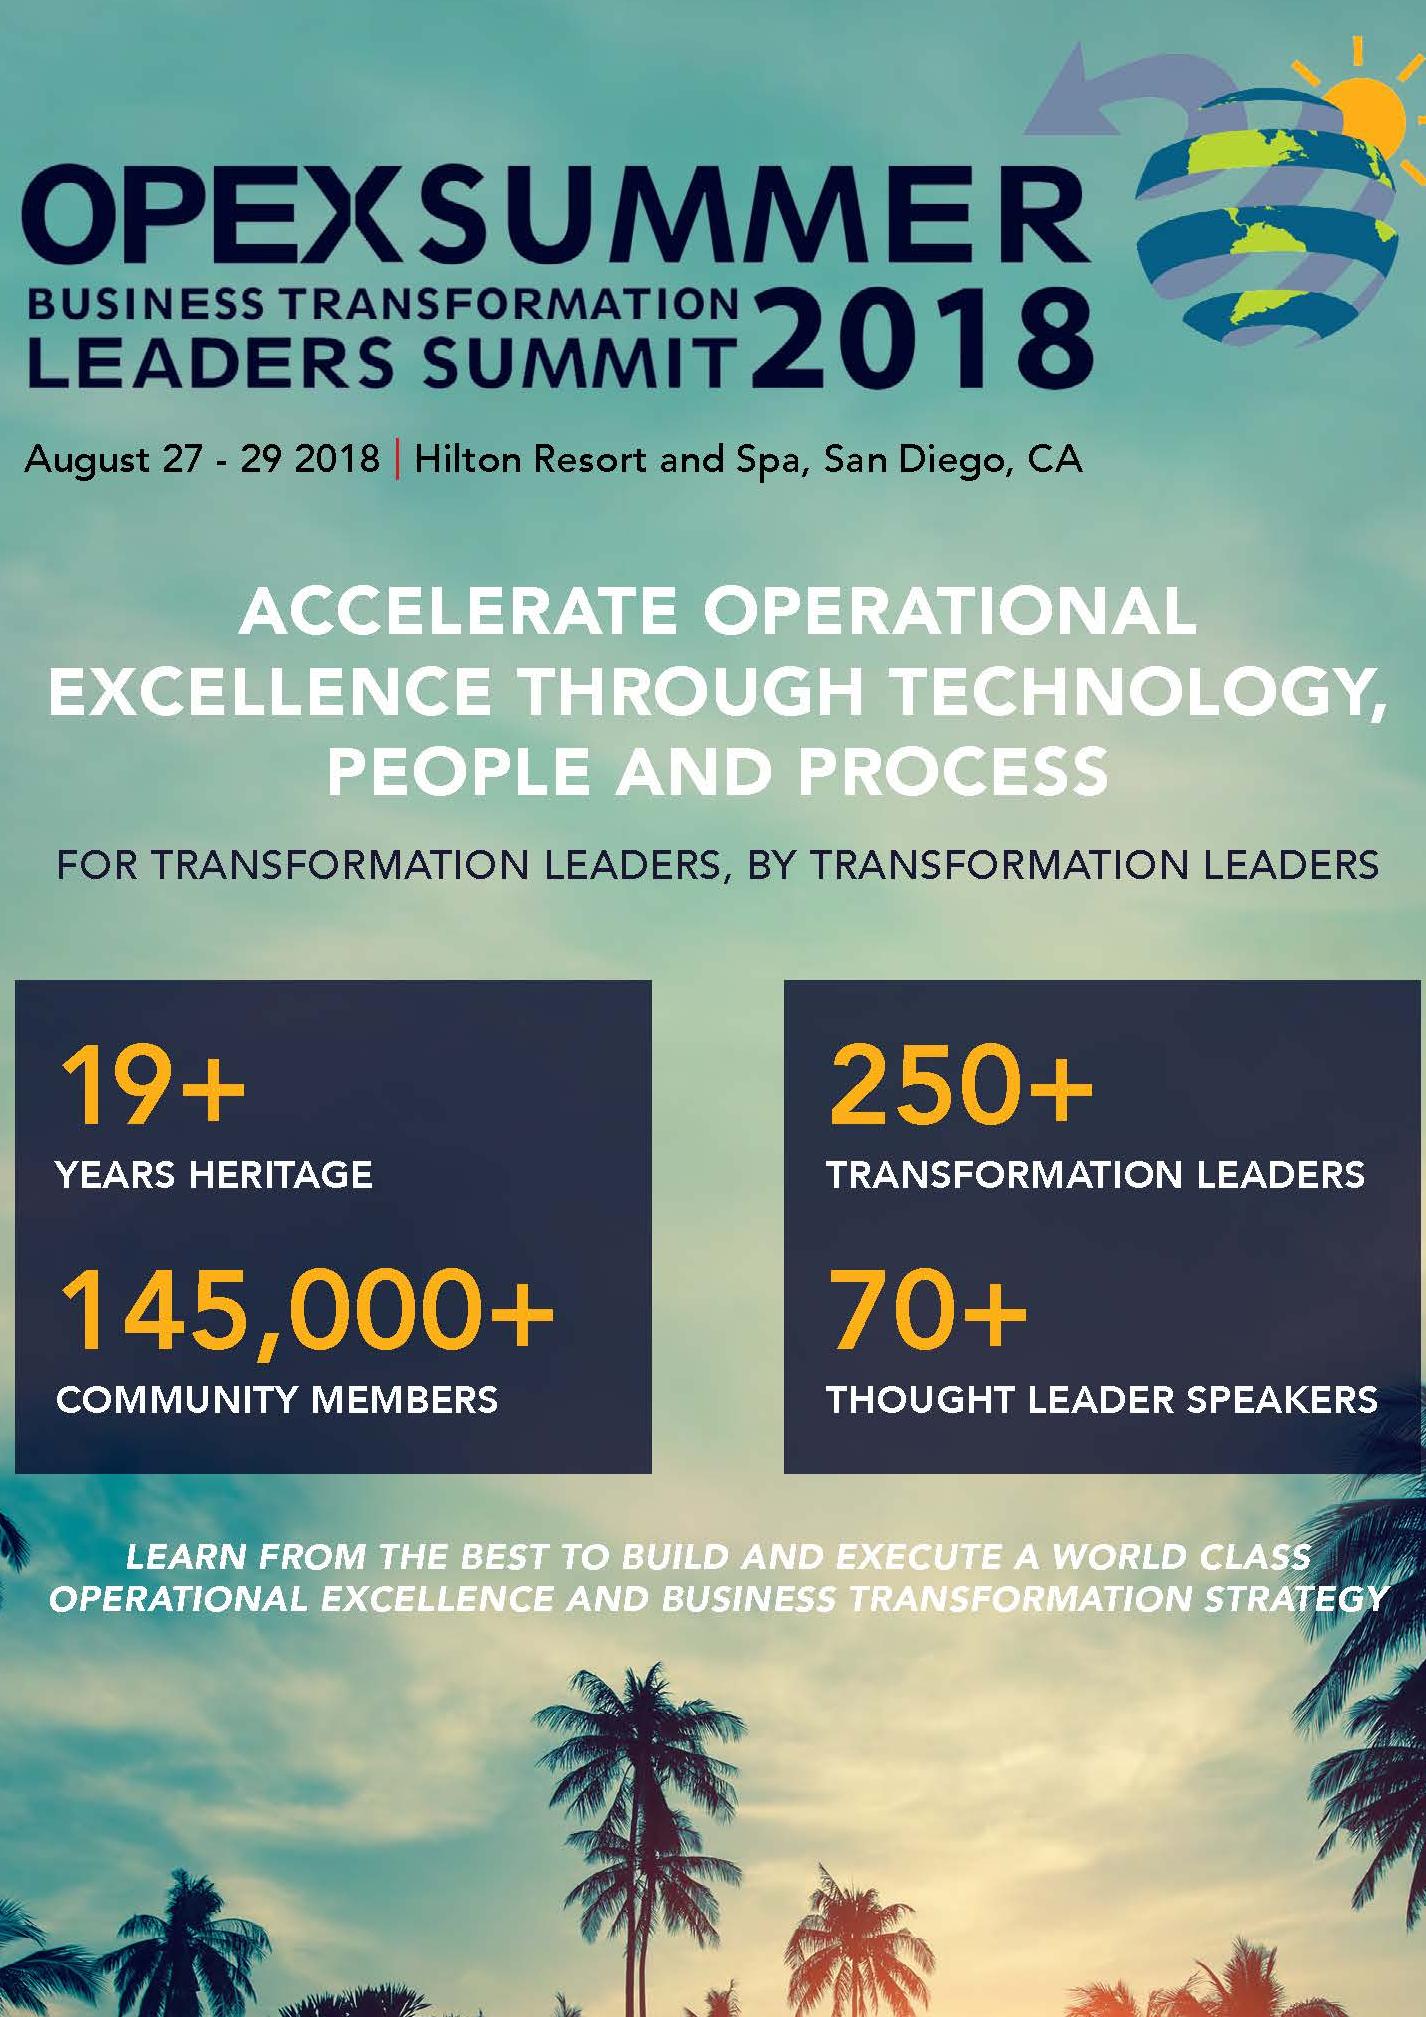 OPEX Summer 2018 Pre Agenda